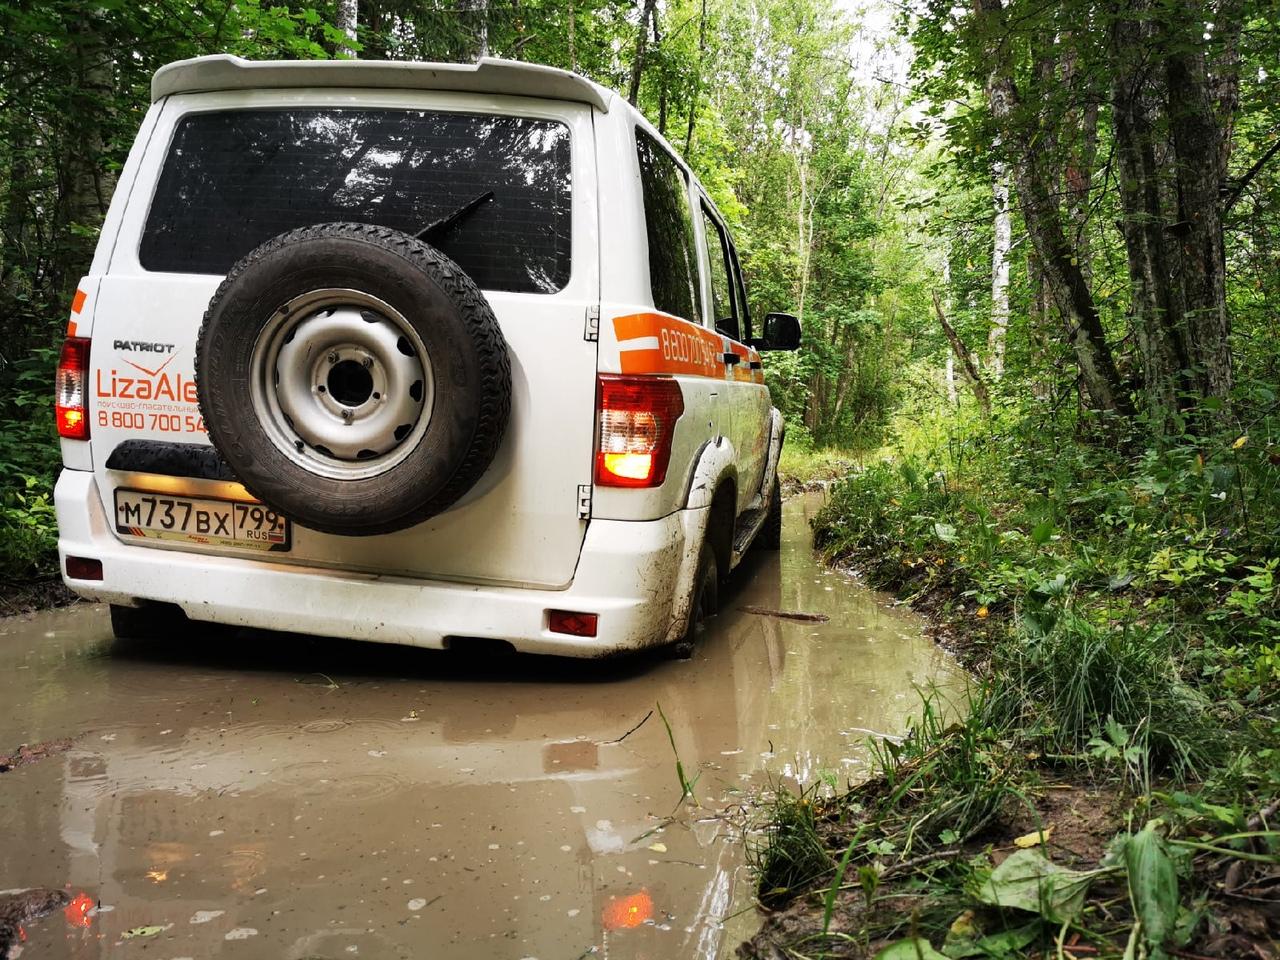 Пострадал отрядный автомобиль – белый УАЗ с оранжевой символикой «ЛизаАлерт». Вечером мы оставили а...